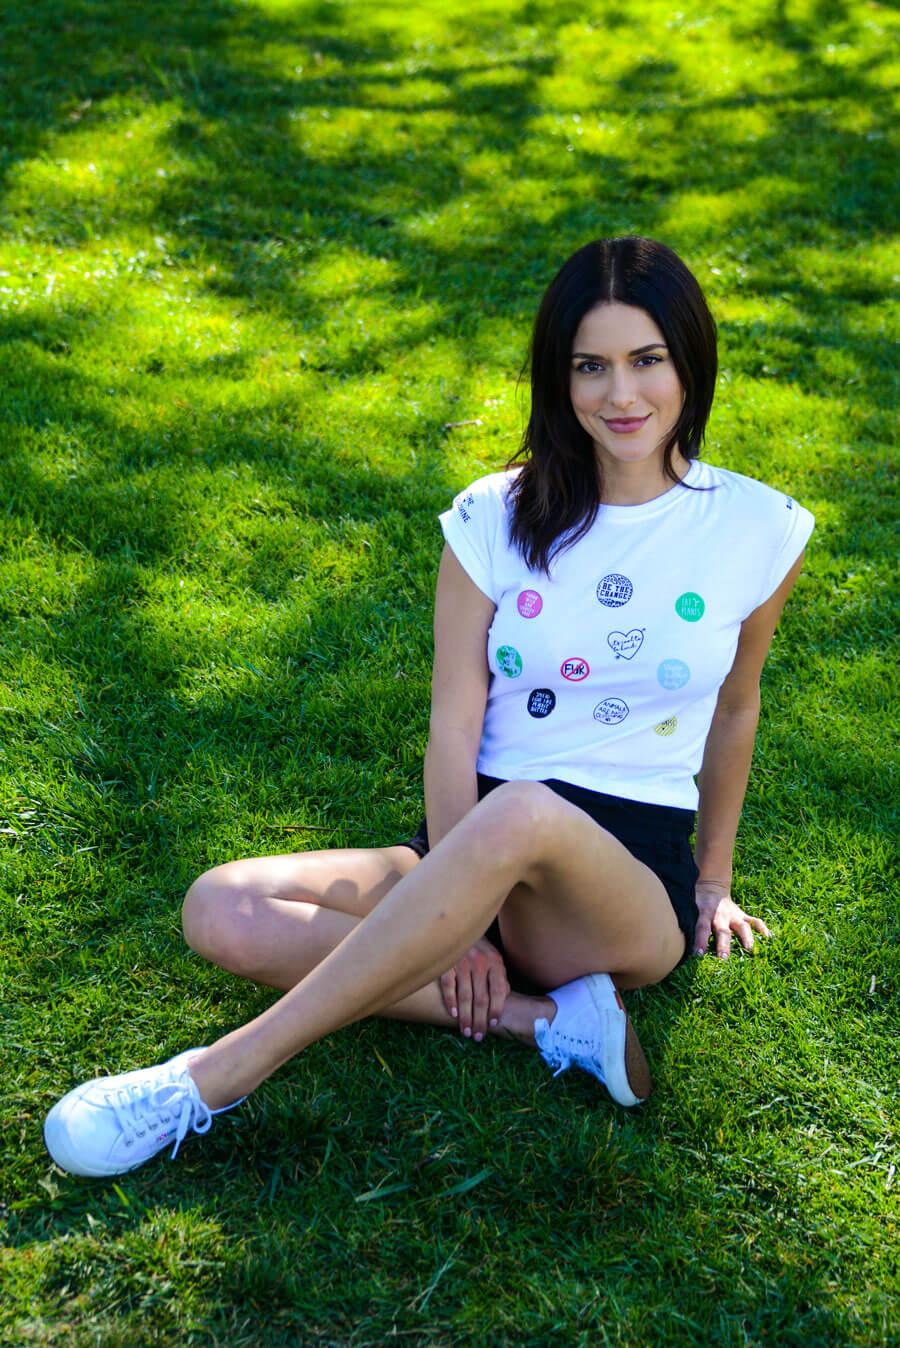 PETA model on grass wearing collab tee